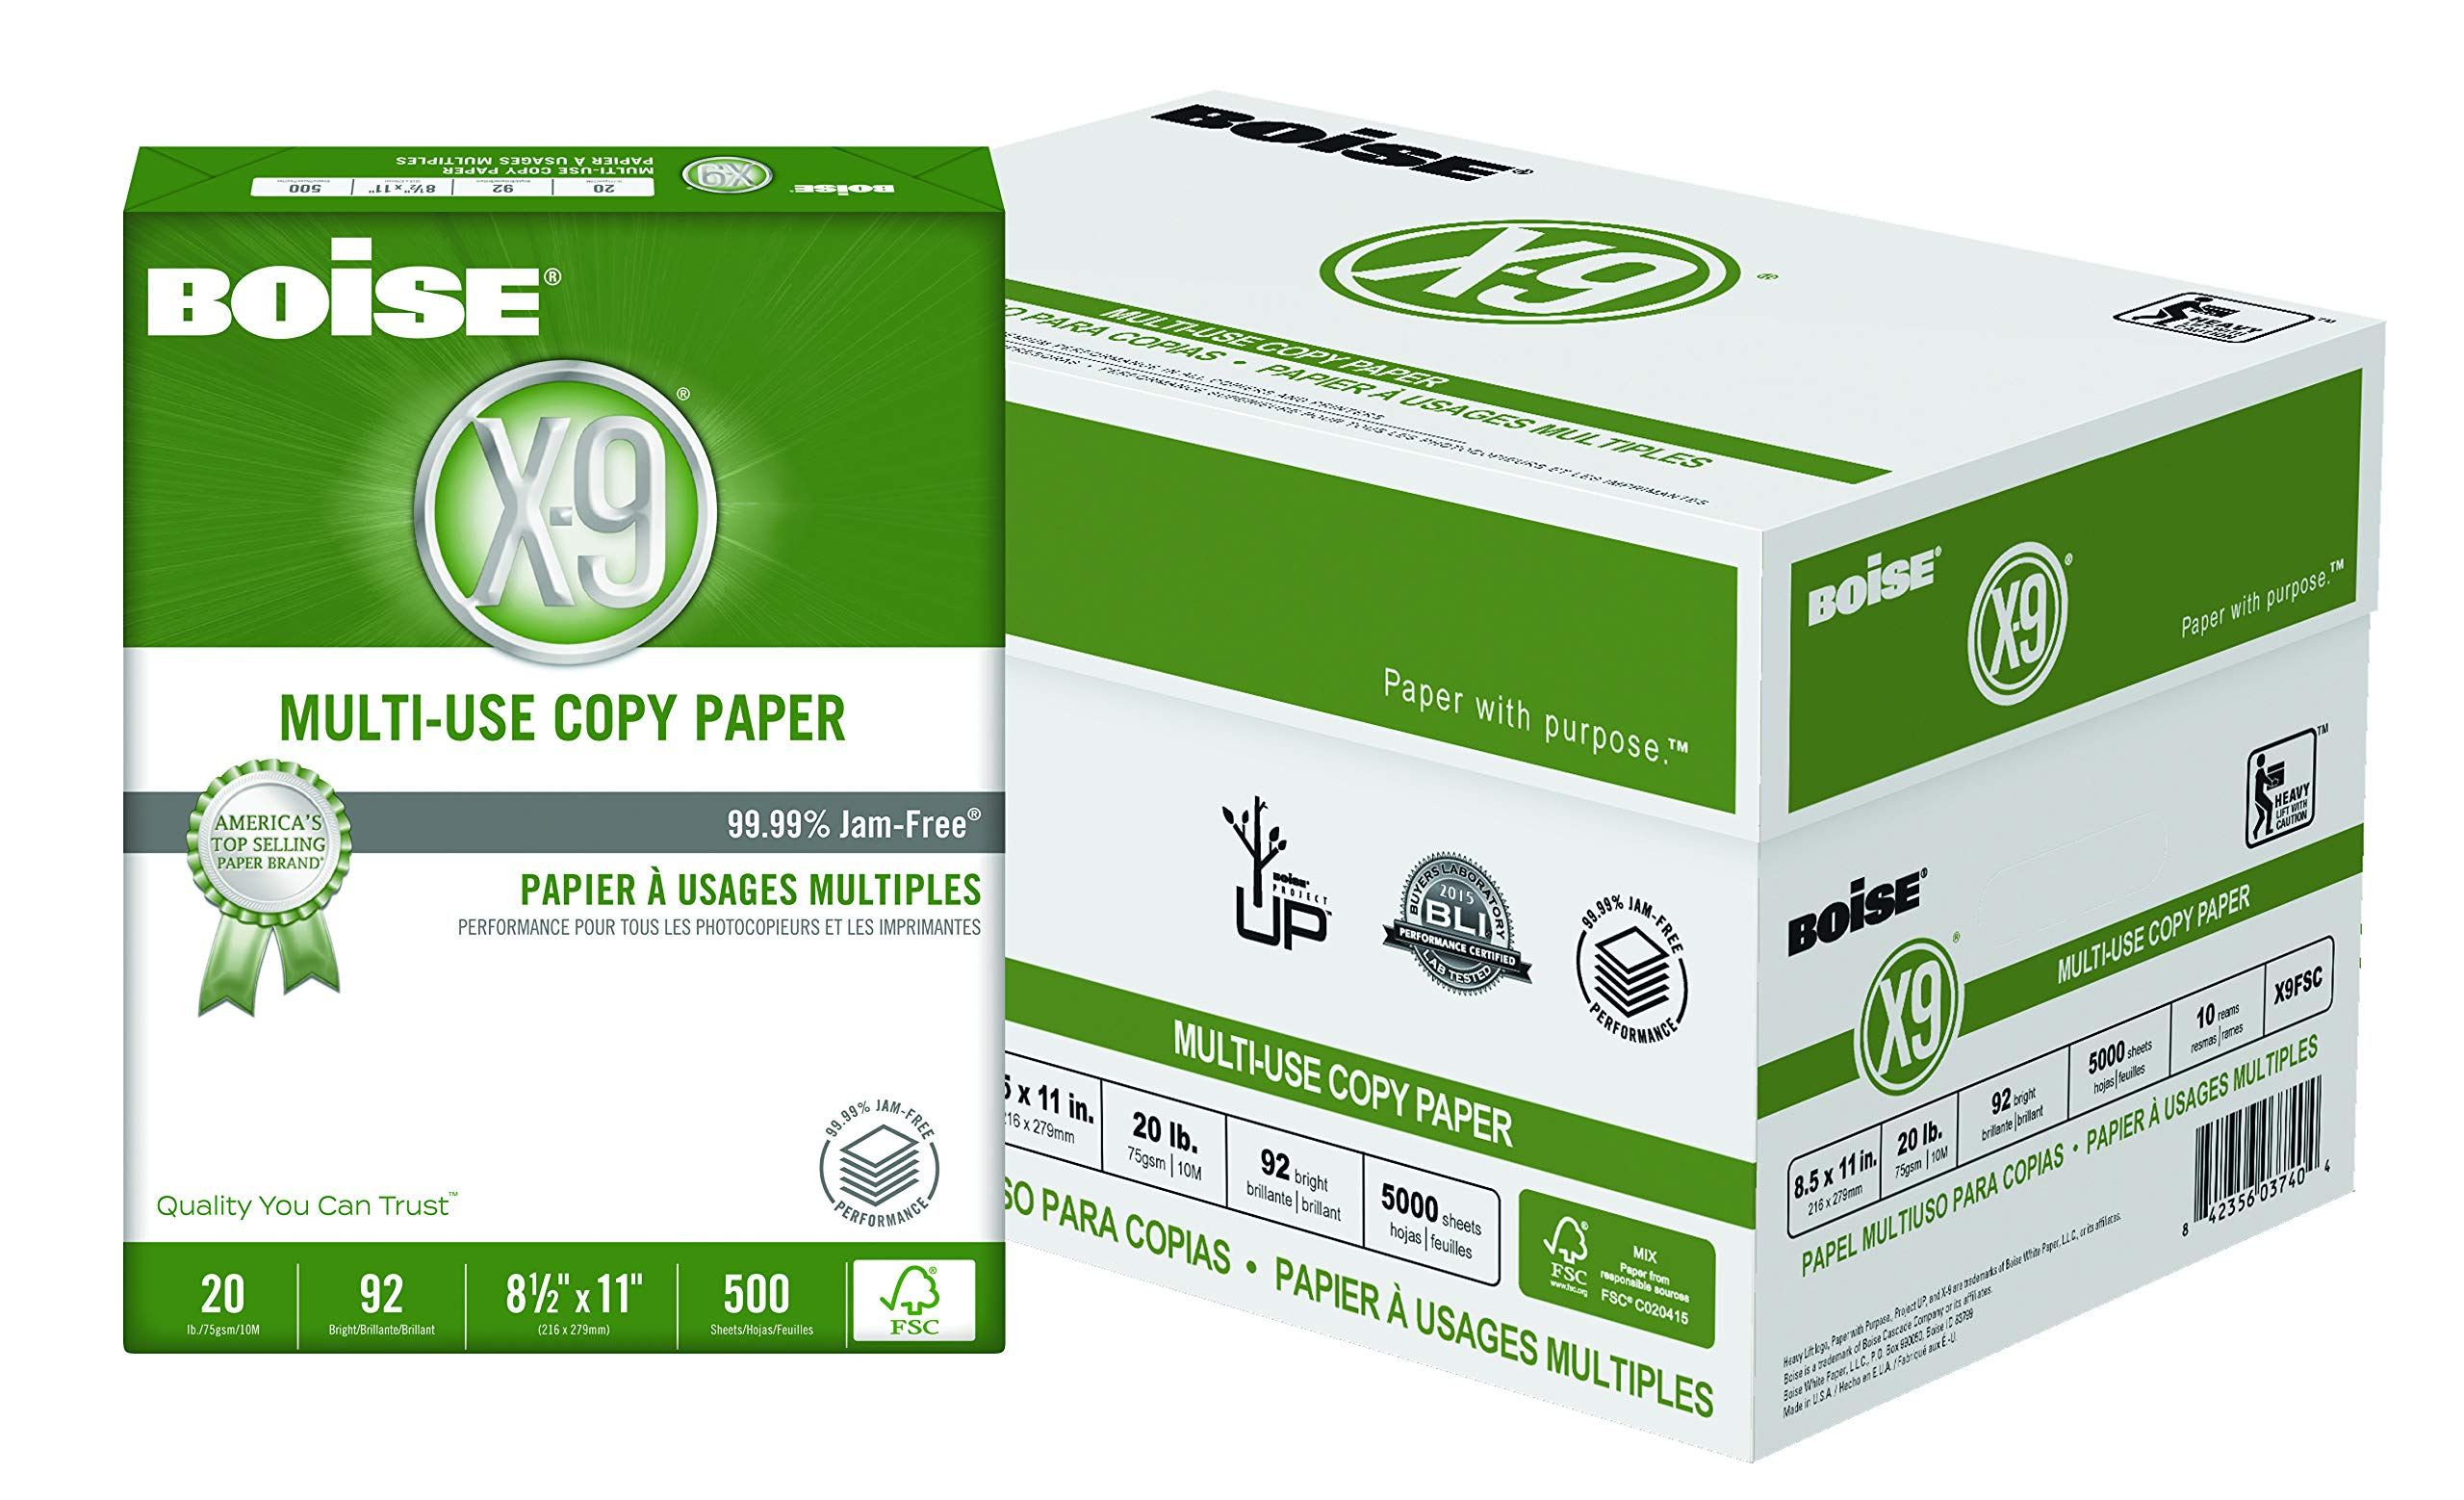 """Boise X-9 Multi-Use Copy Paper, 8.5"""" x 11"""", 92 Bright, FSC Certified, 20 lb, 10 Ream Carton (5,000 Sheets)"""